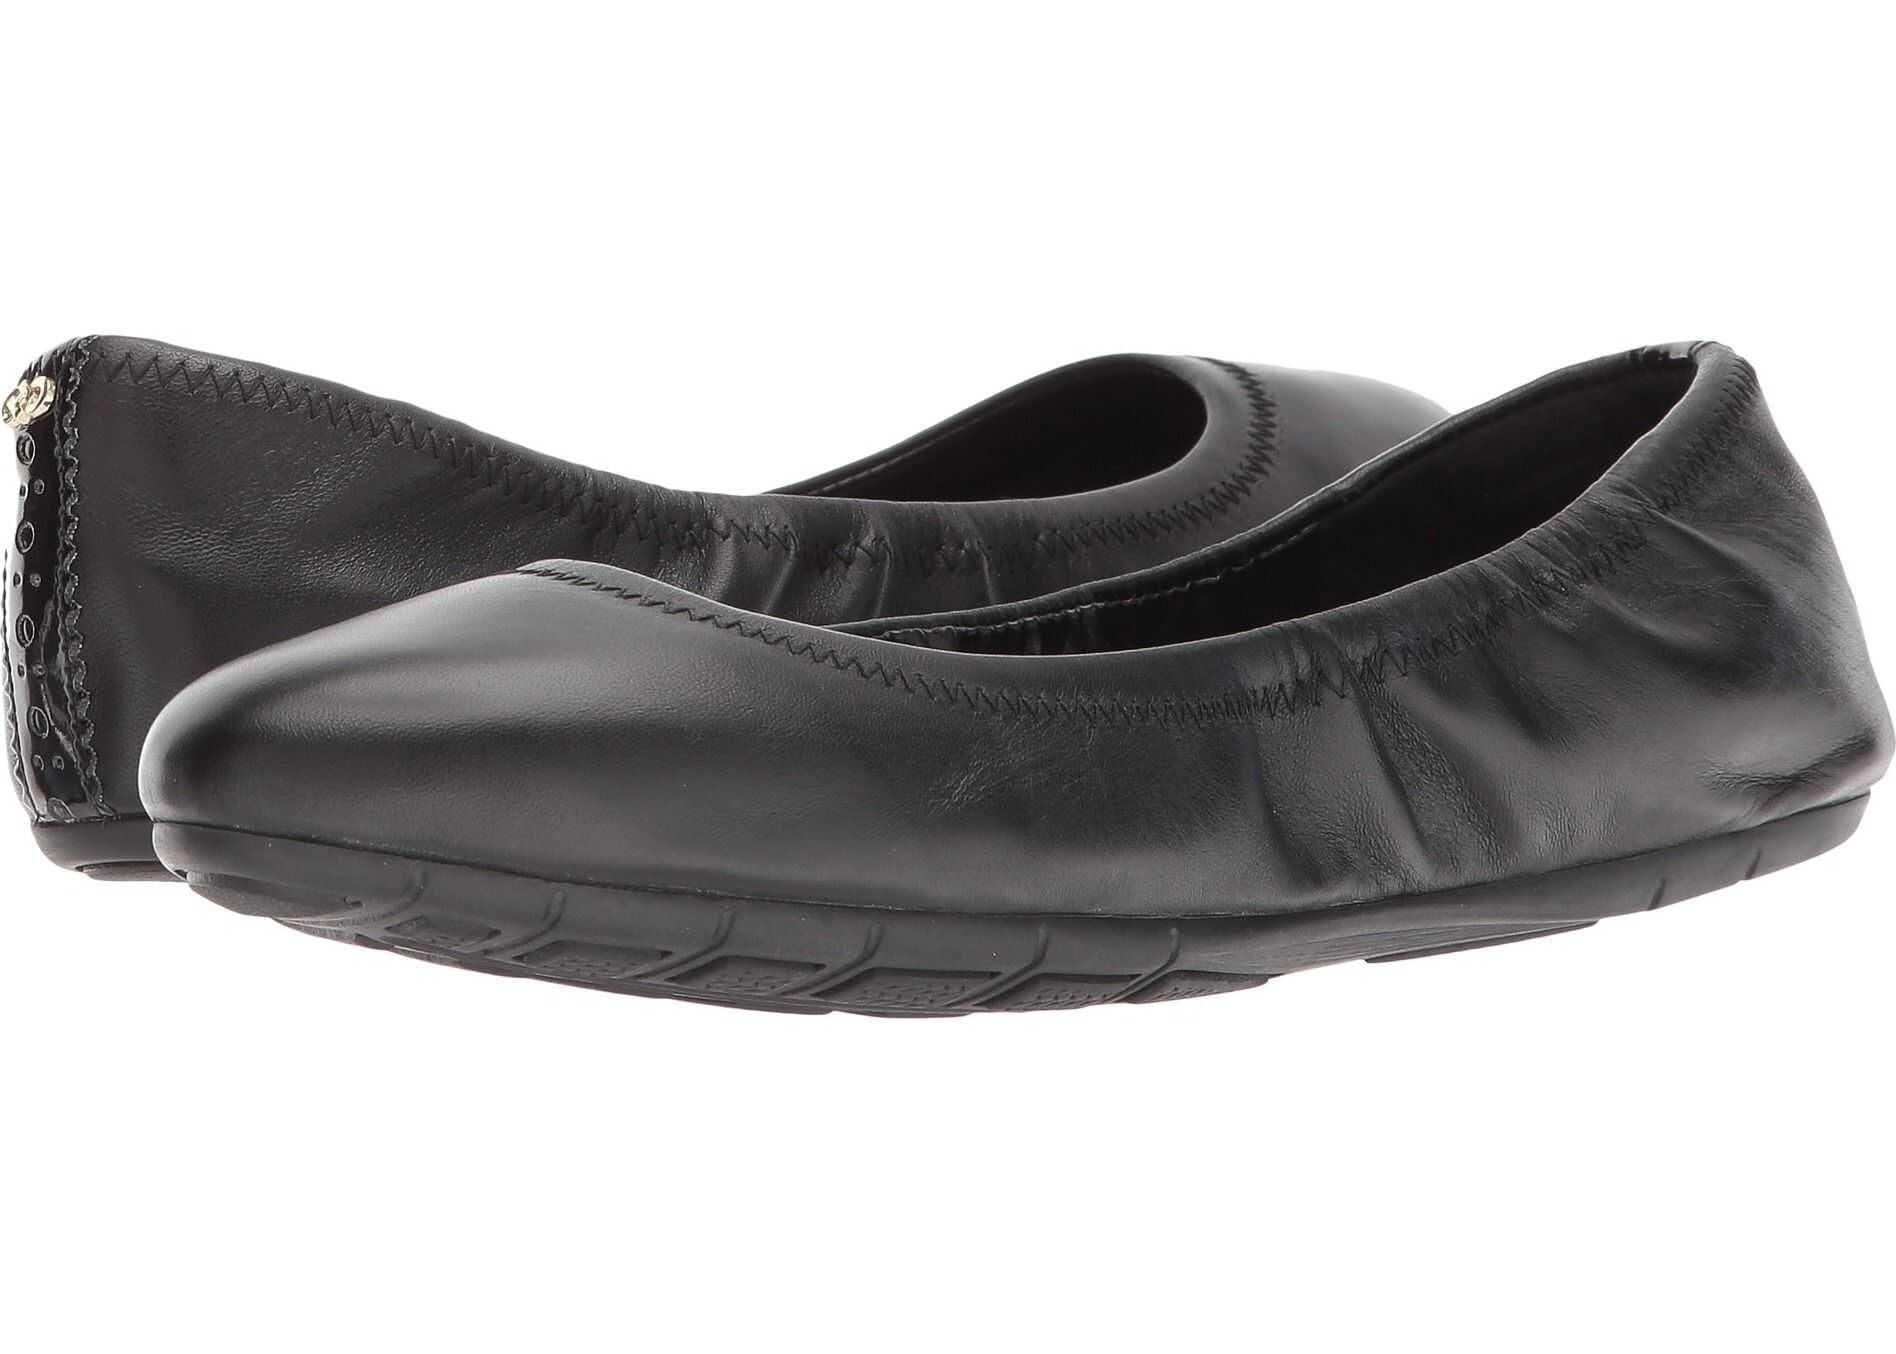 Cole Haan Zerogrand Ballet II Black Leather